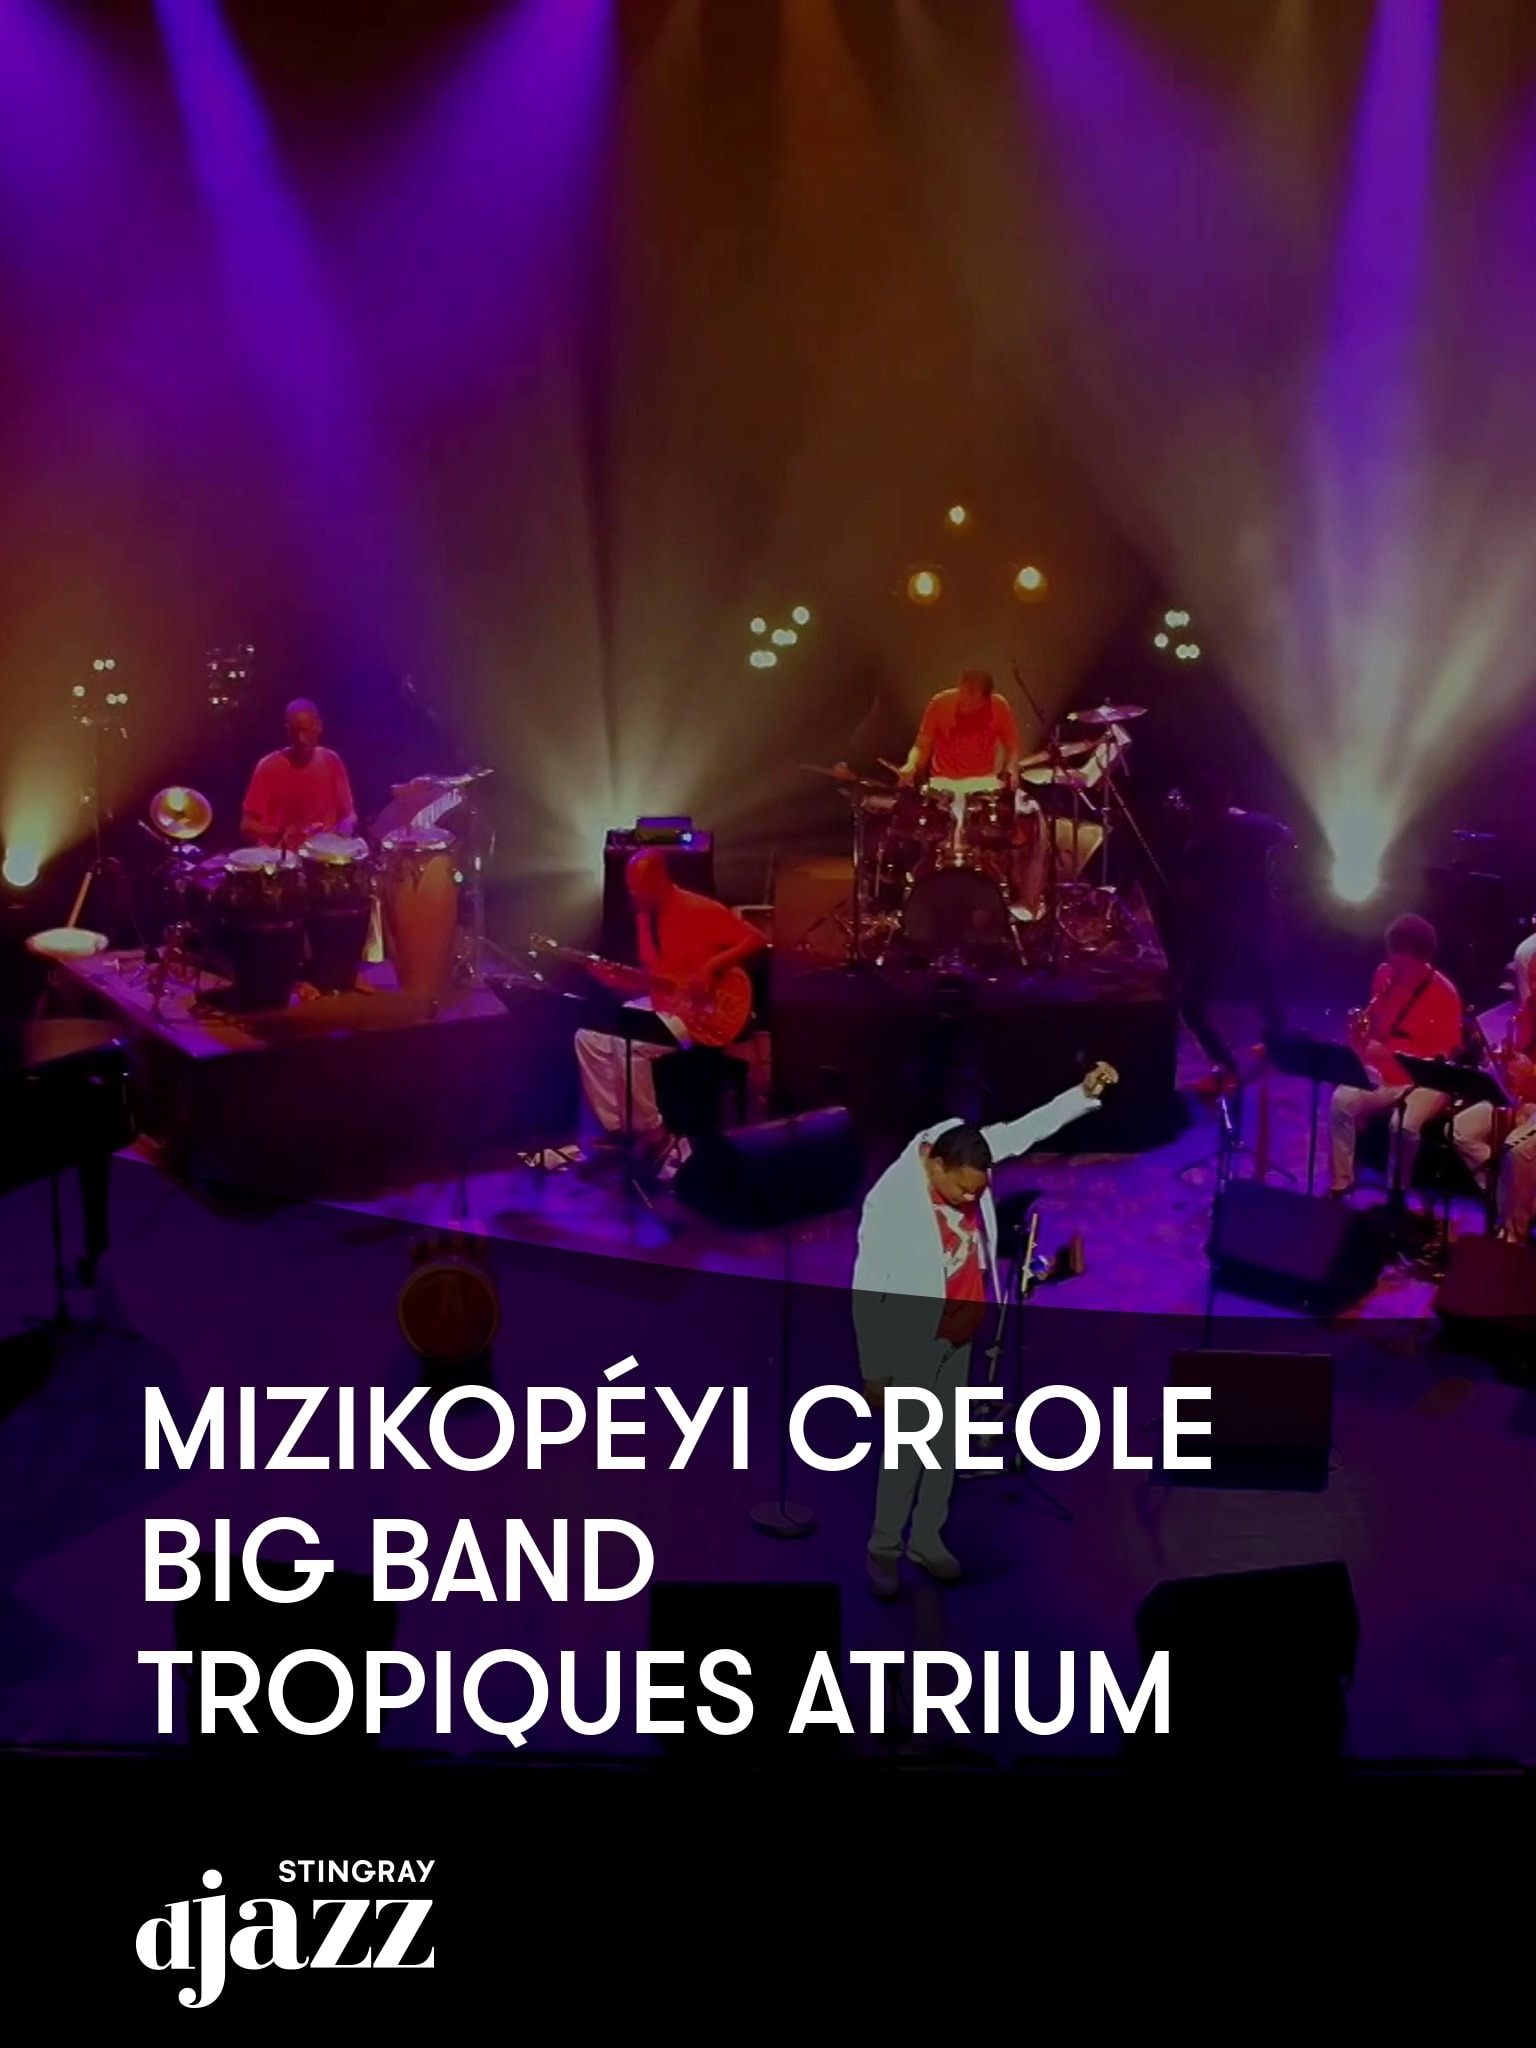 Mizikopéyi Creole Big Band - Tropiques Atrium